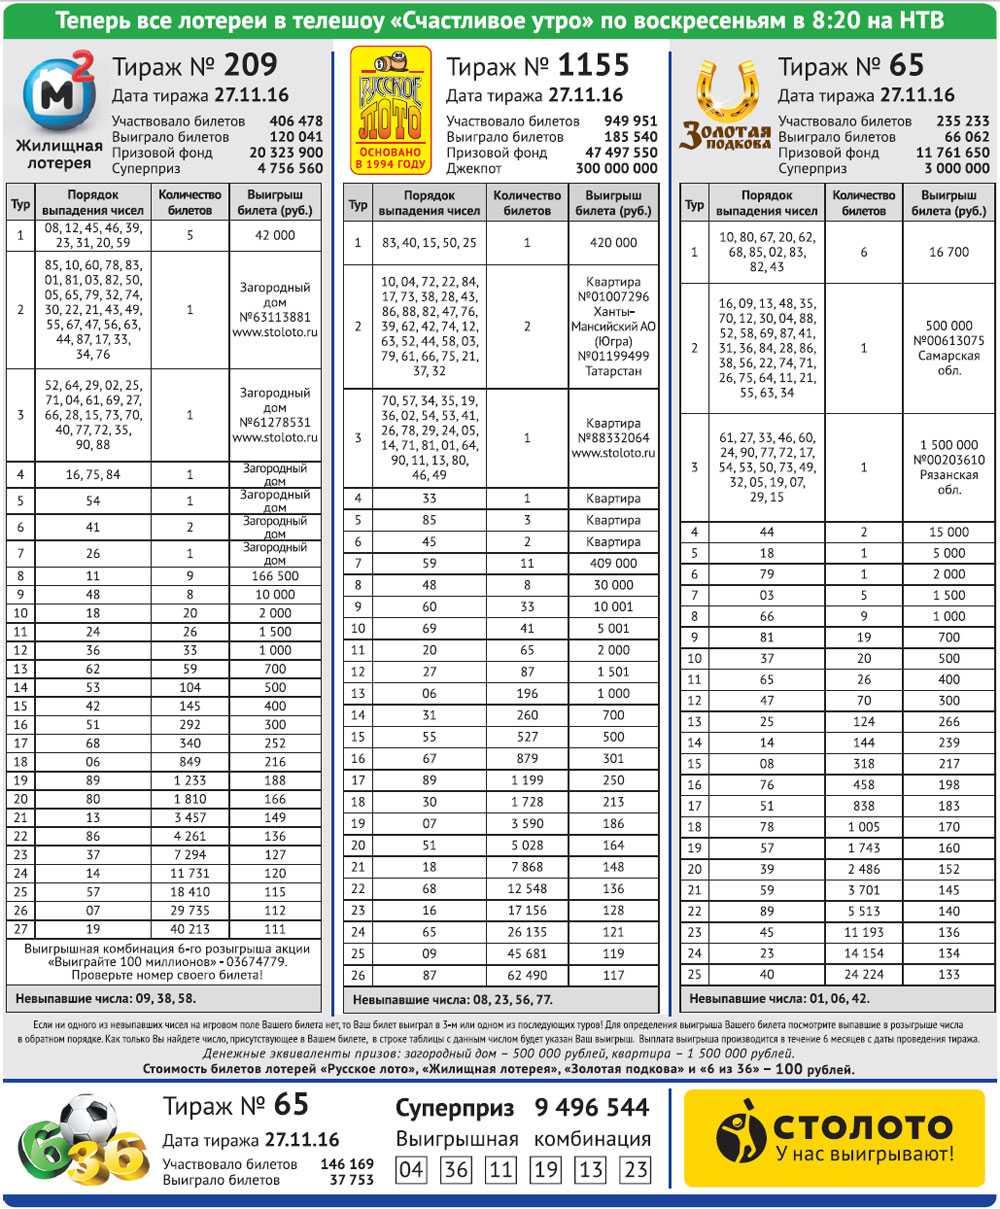 Заполнение анкеты на грин карту сша 2022